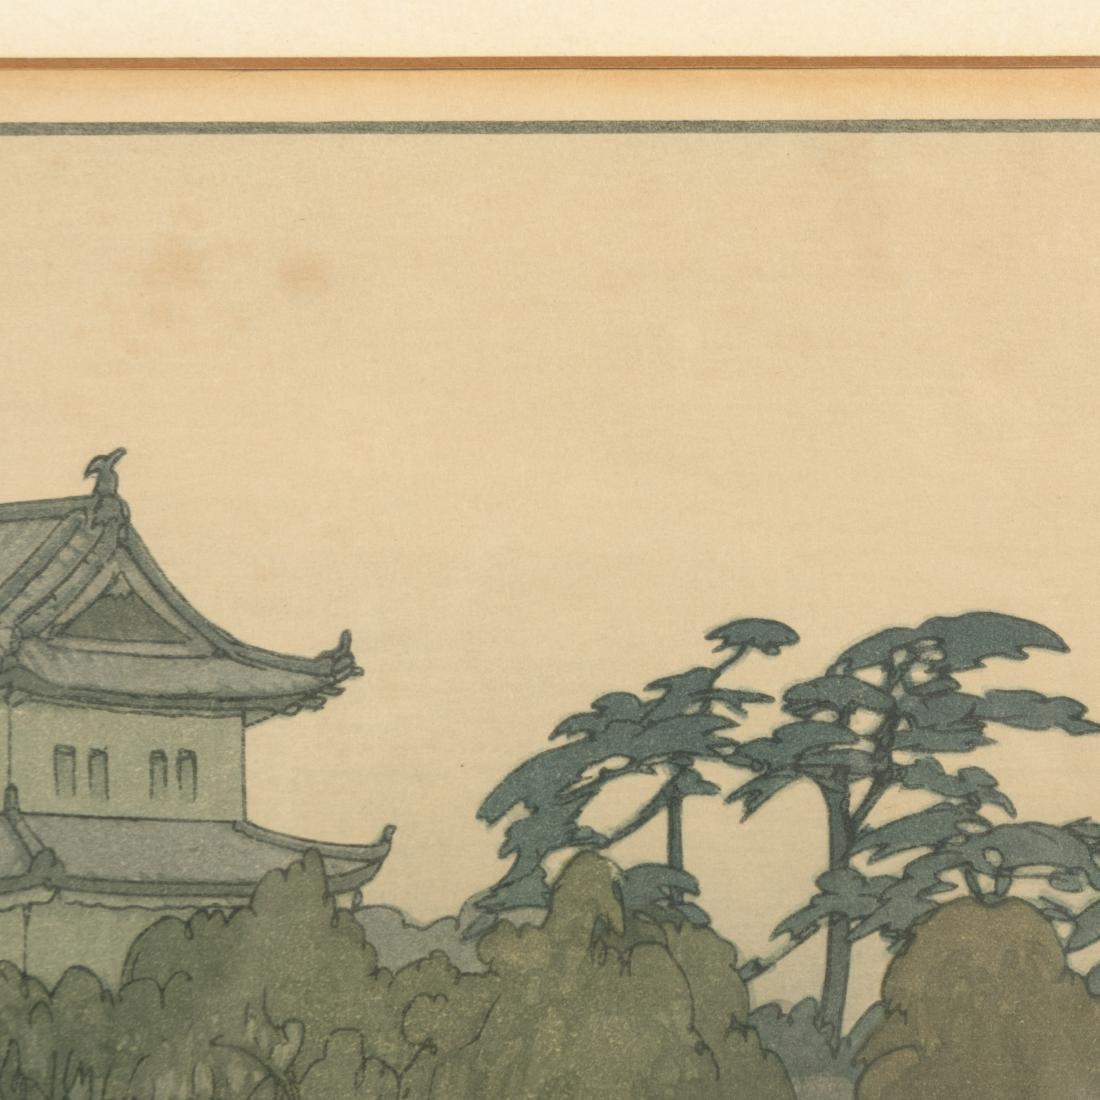 Hiroshi Yoshida - Ryu Honmura - Woodblock - 6